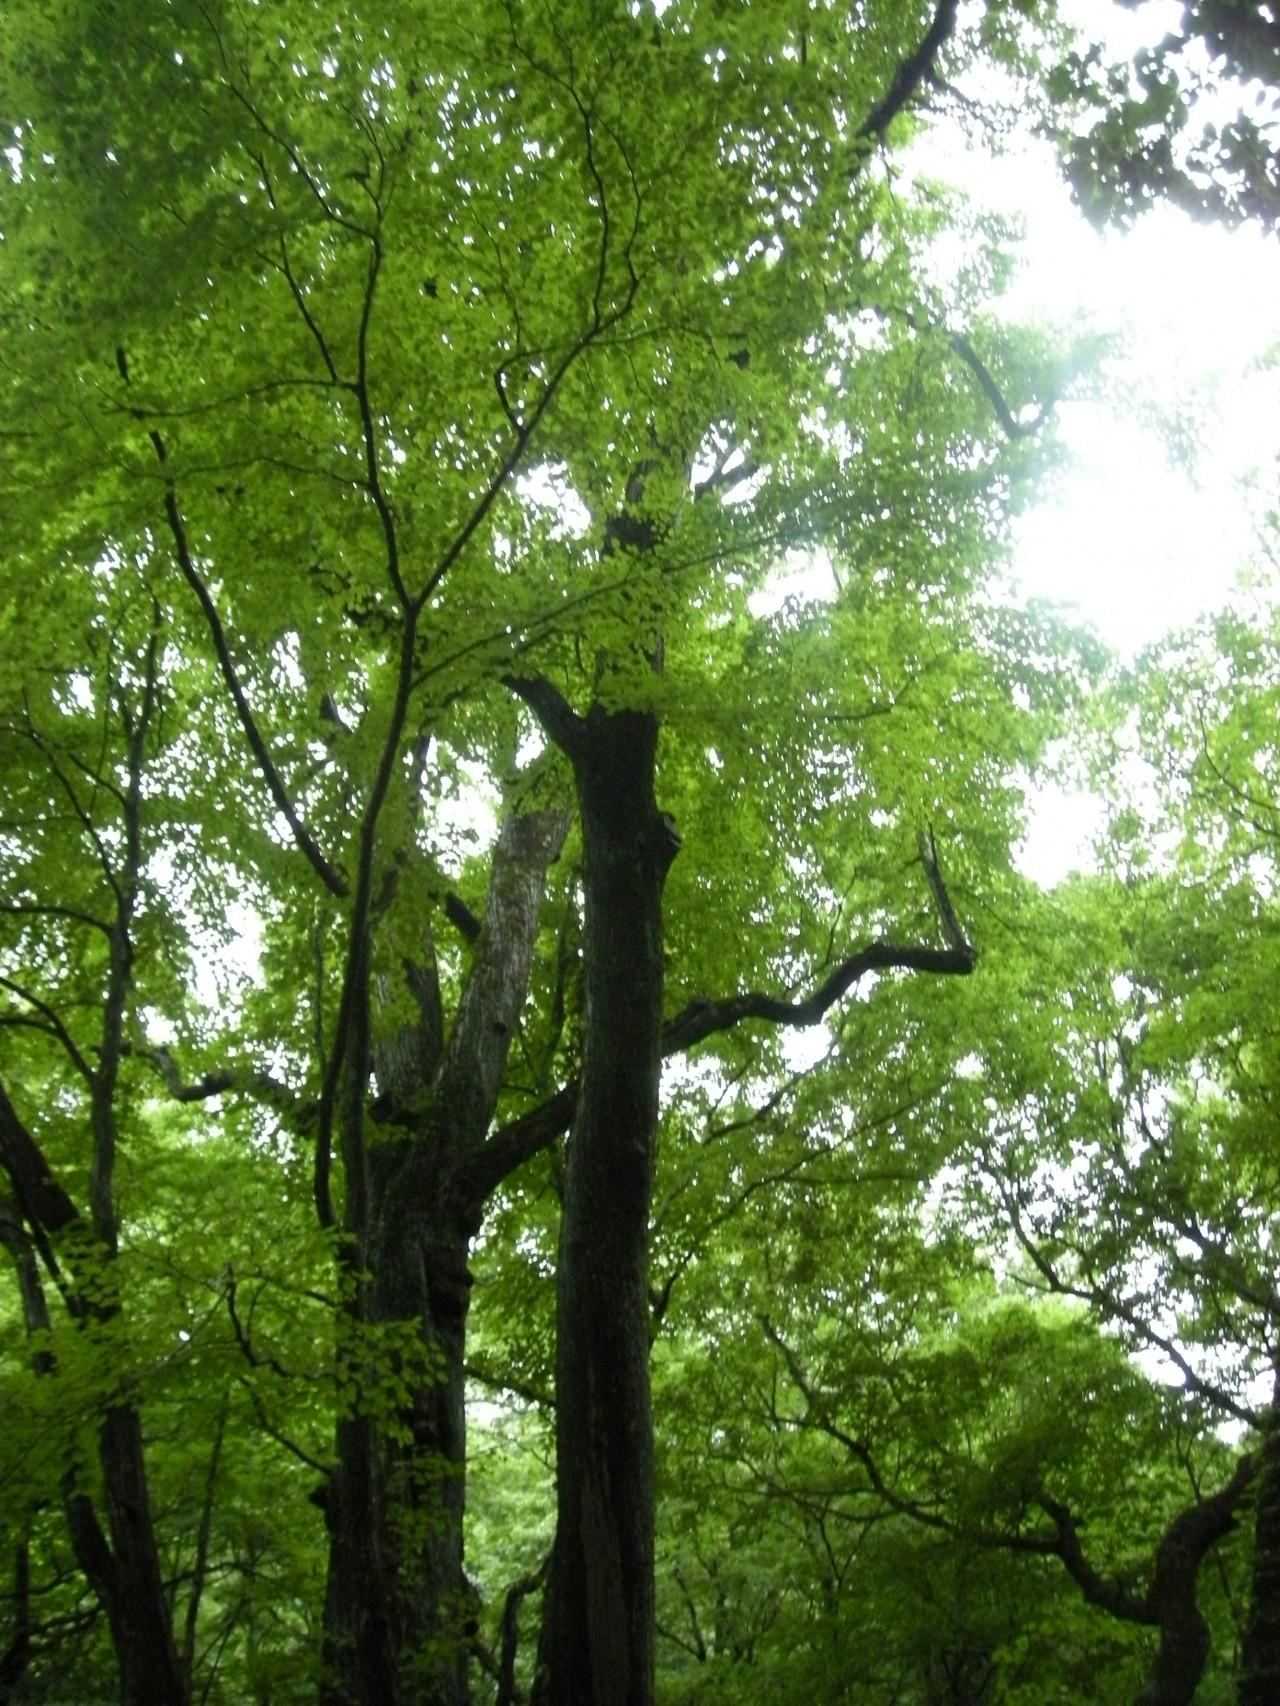 青森 三八 十和田市 風景 滝 林 ブナ 奥入瀬渓流